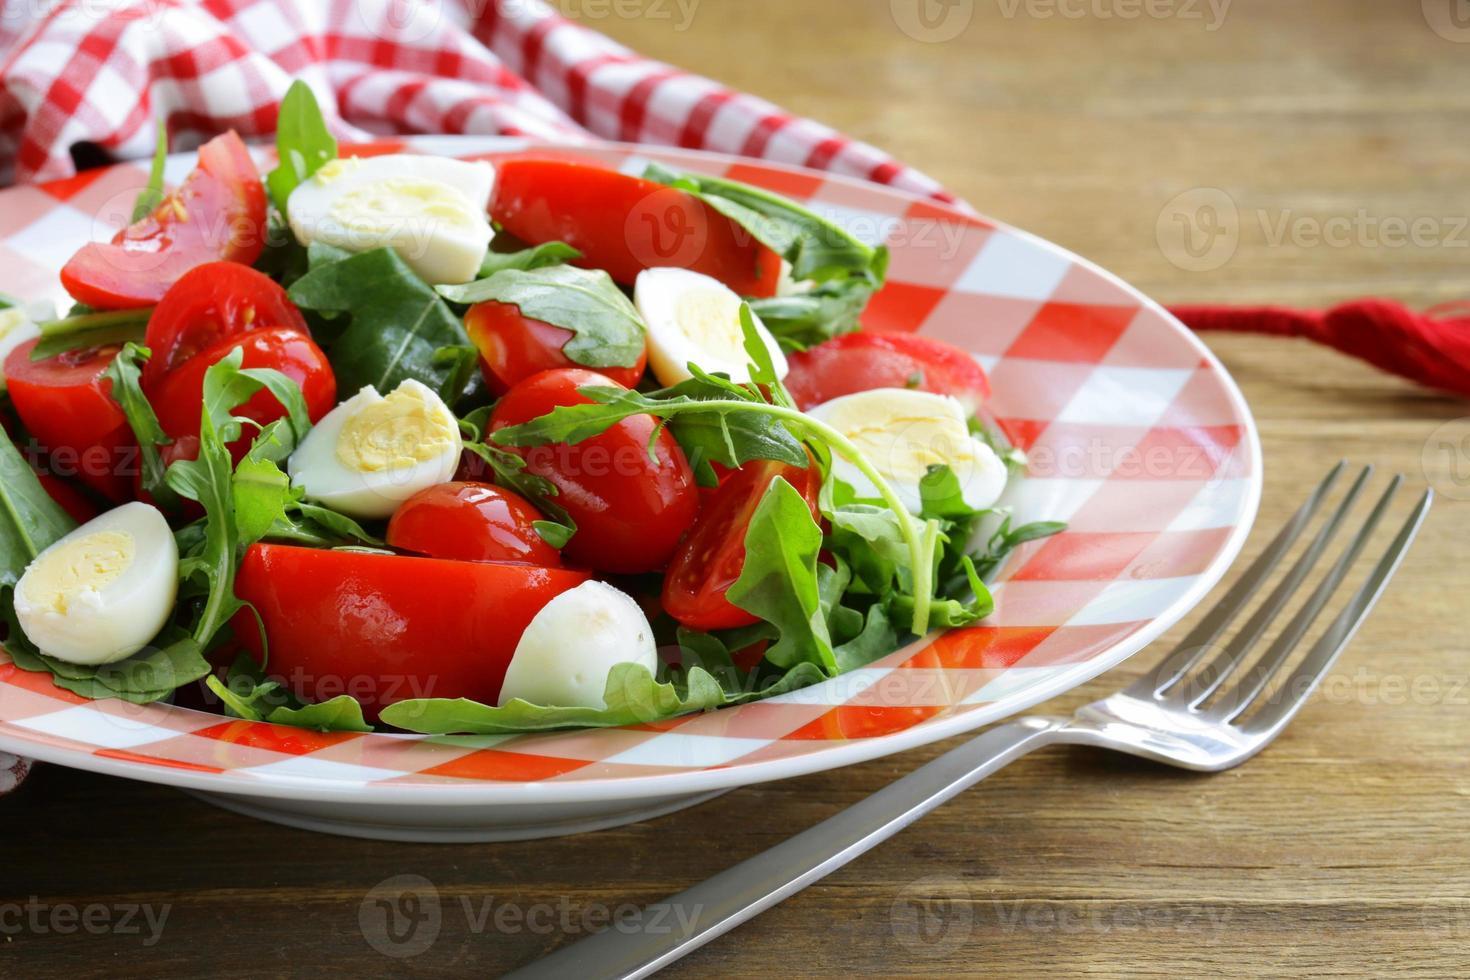 insalata con pomodori freschi, rucola e uova di quaglia foto